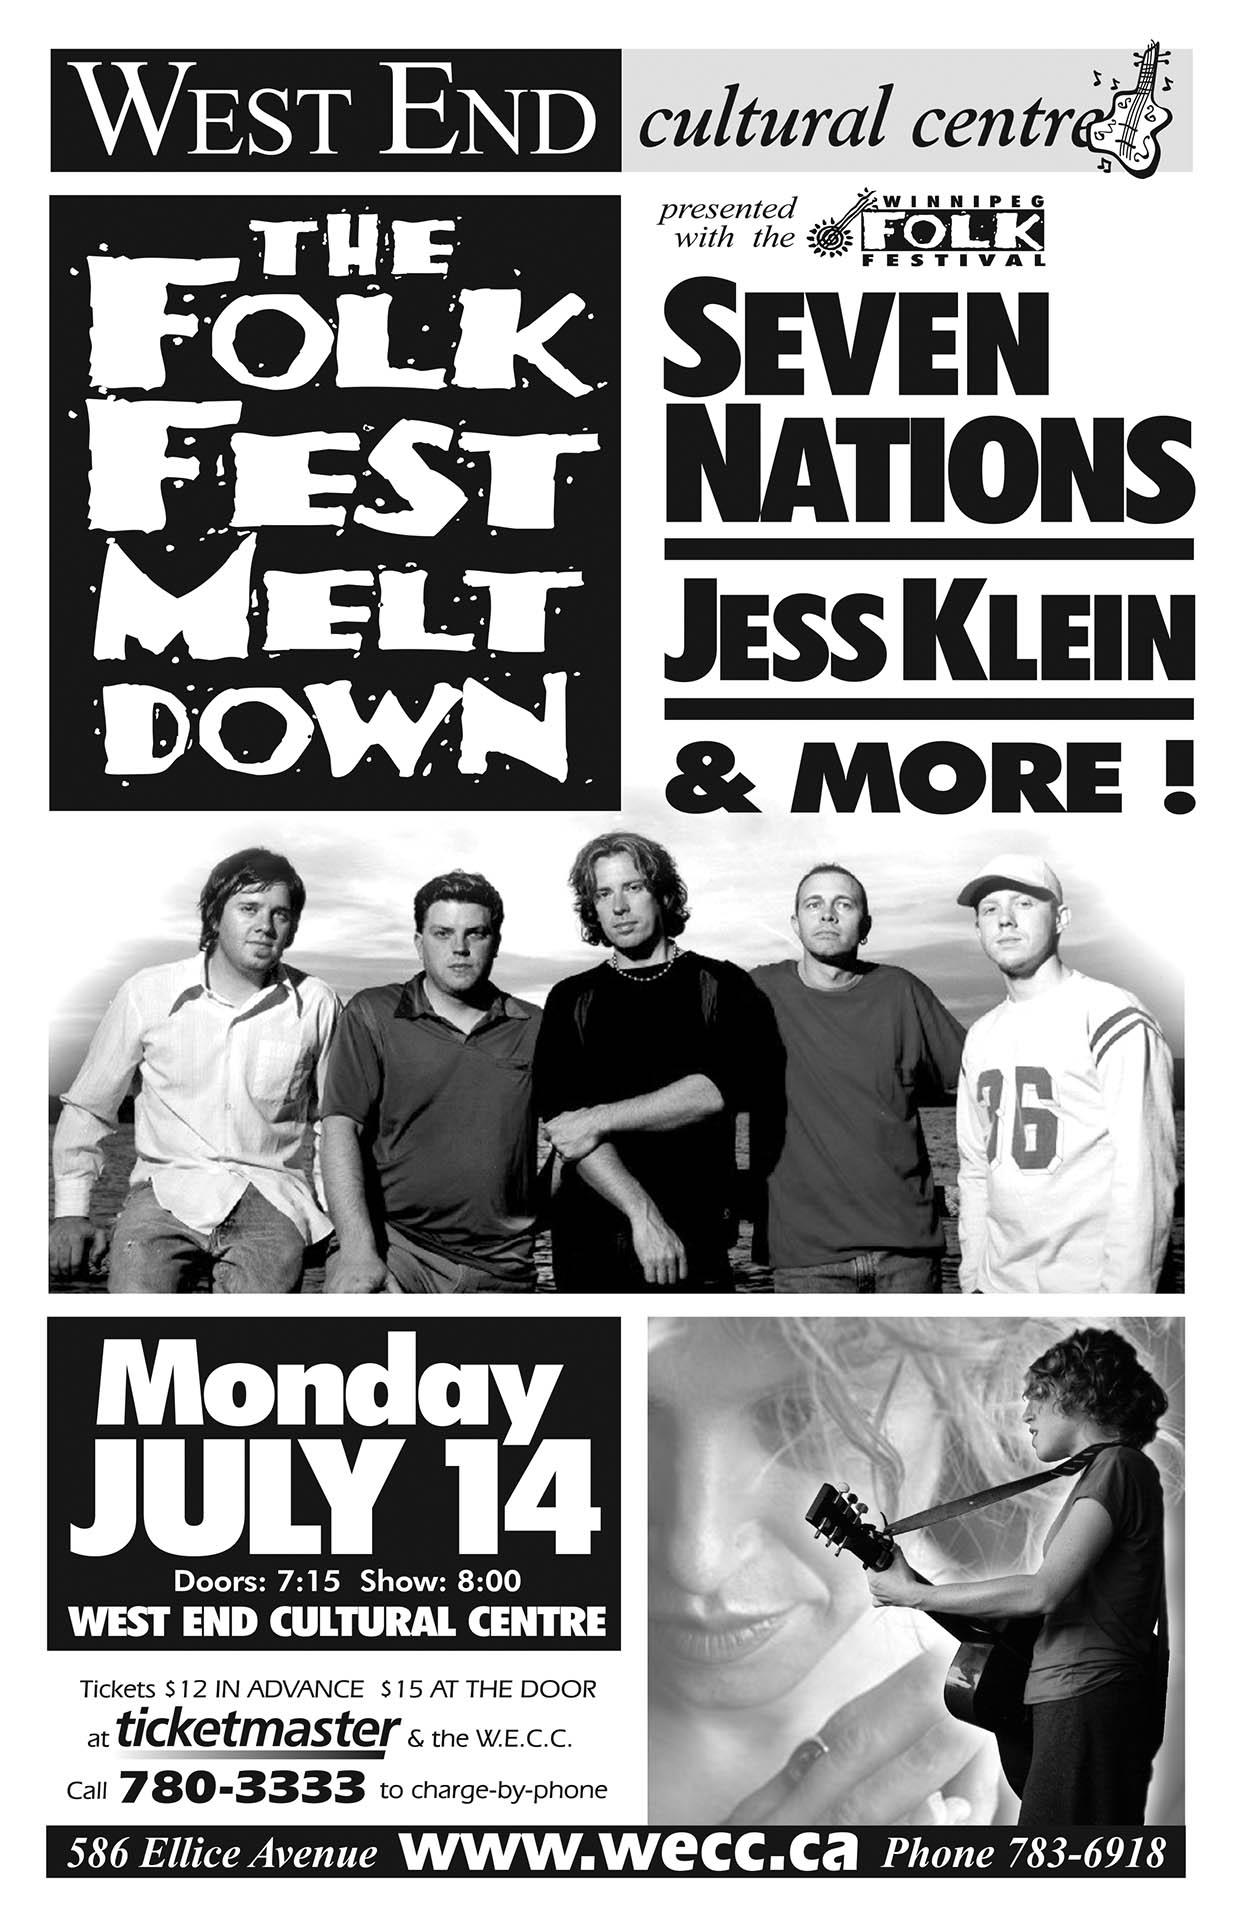 The Folk Fest Melt Down - 2003